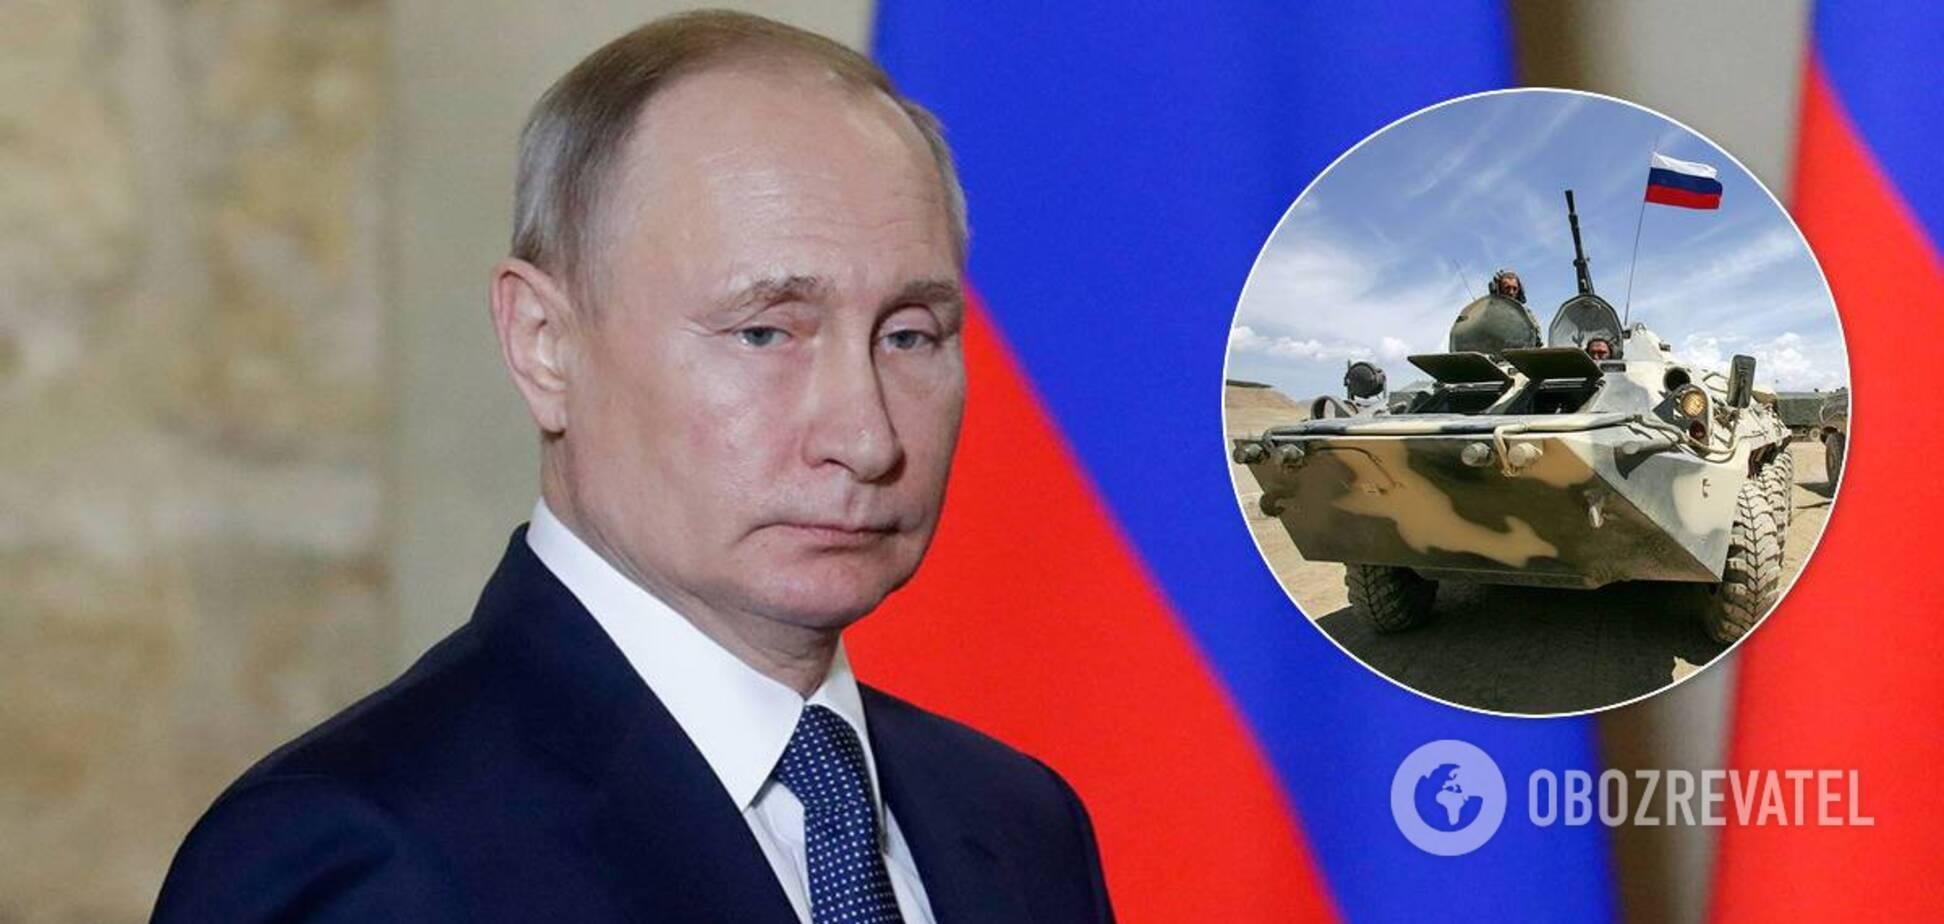 Путин начал внезапную проверку войск РФ: в Украине заявили об 'угрозе силой'